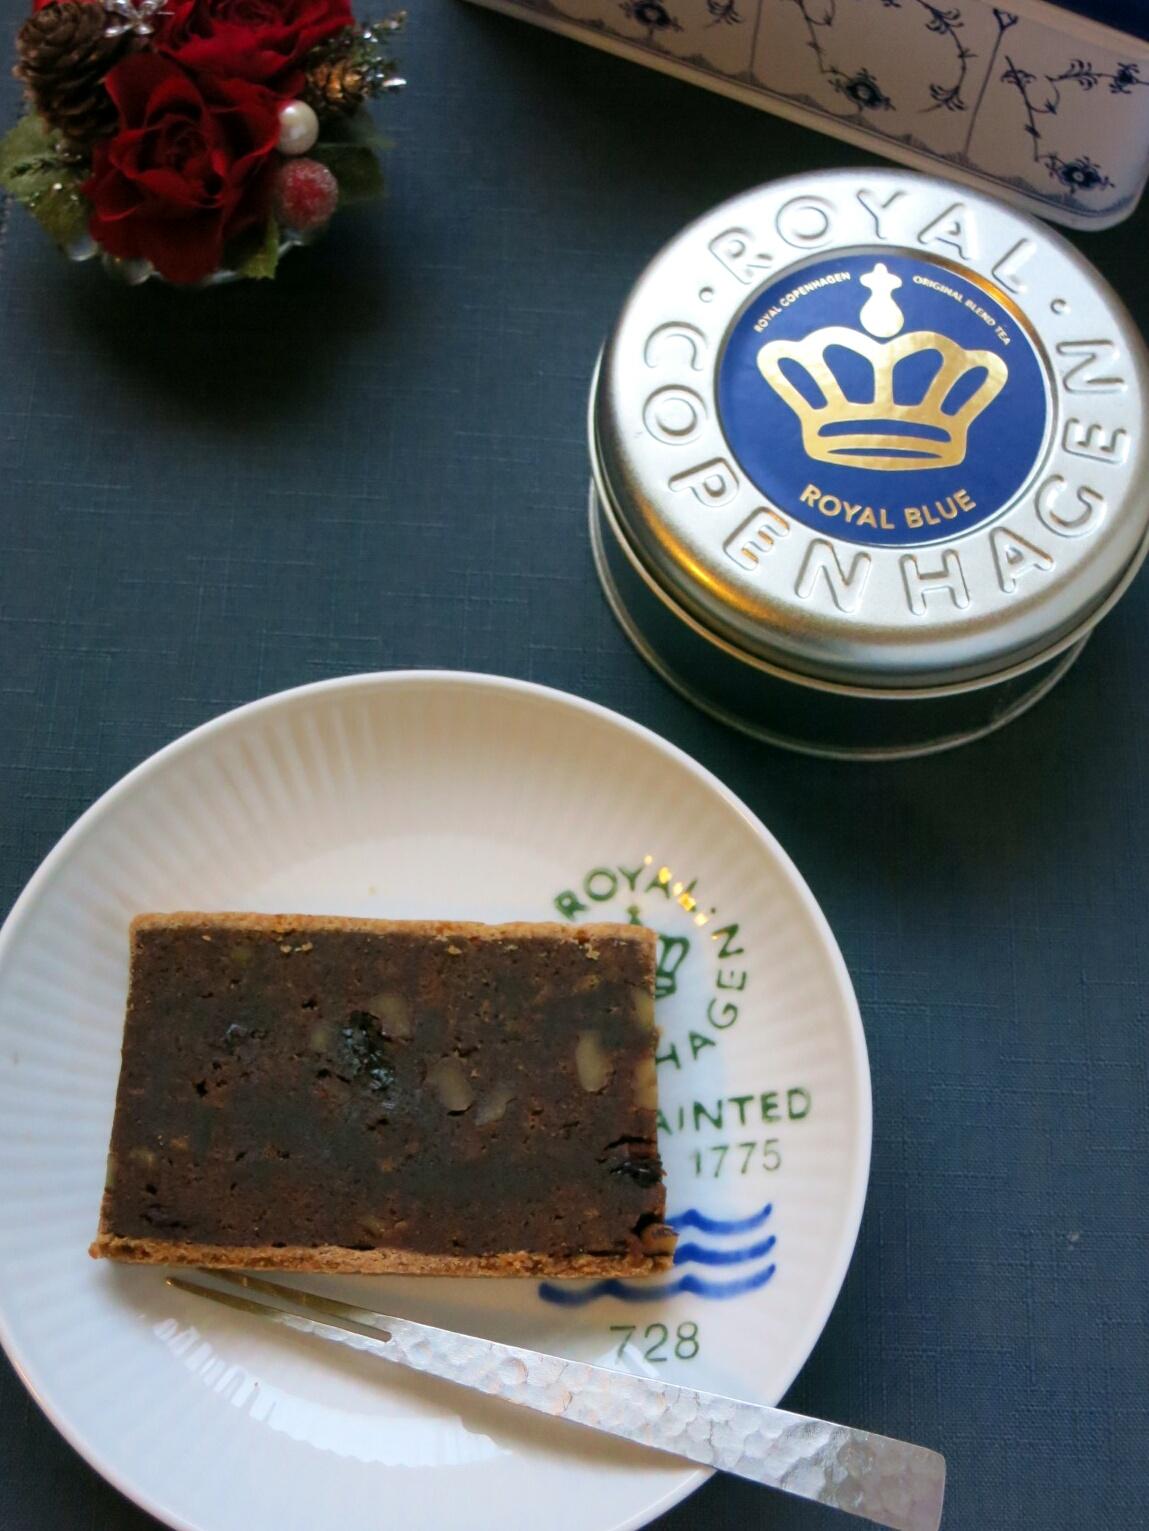 Rコペンハーゲンの紅茶缶~ふりこ茶房のふりこケーキ_f0236260_1737677.jpg